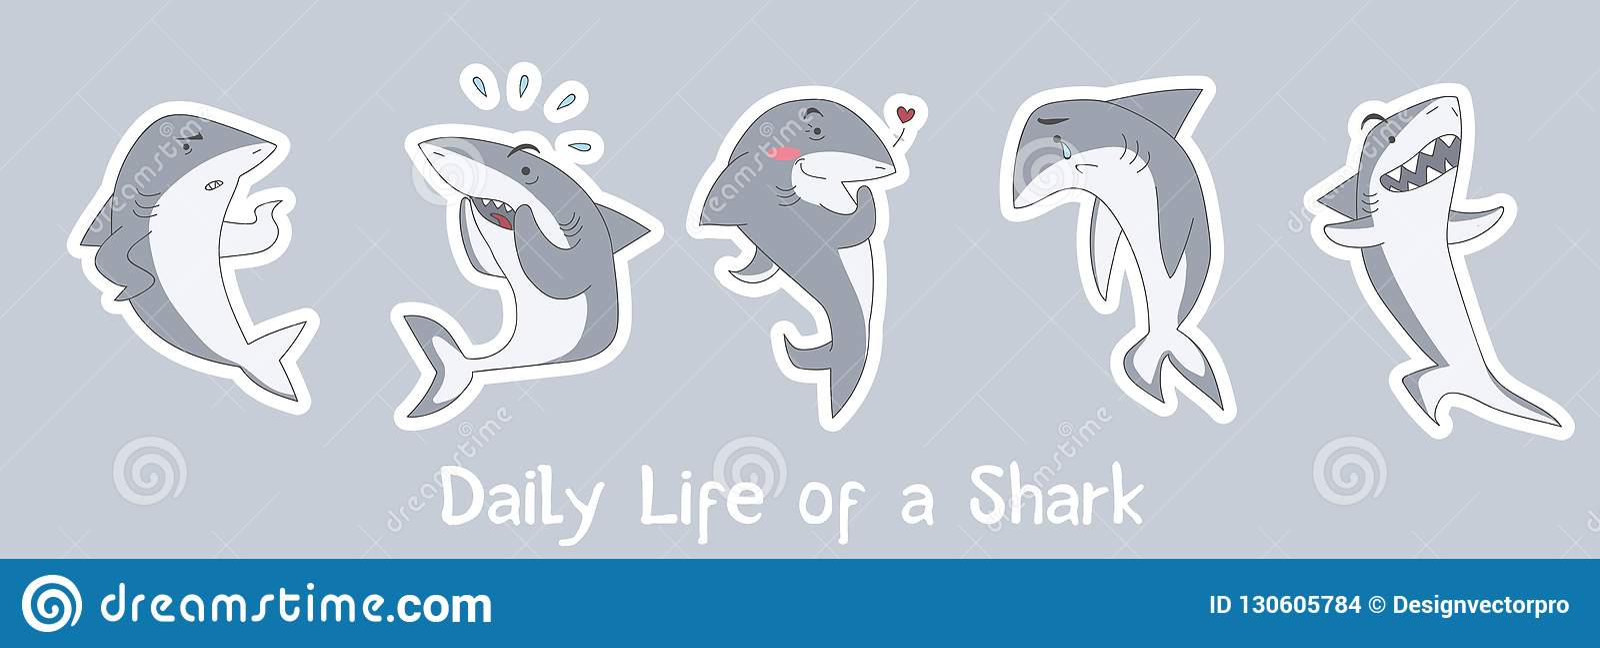 Милая иллюстрация акул с надписью ' потехи; ежедневная жизнь shark'